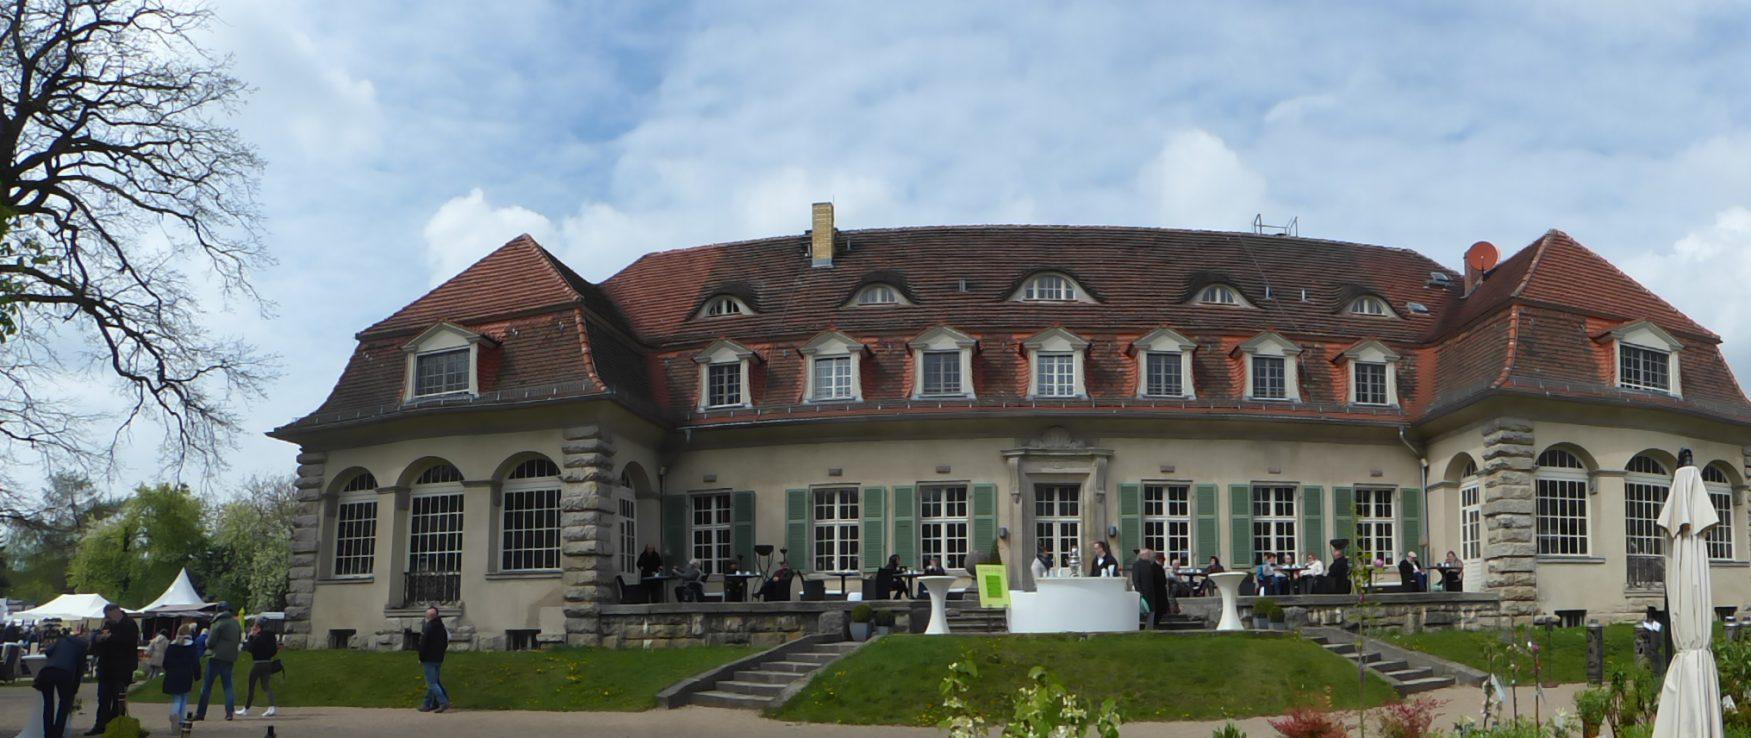 Schloss Kartzow am Rande von Potsdam, Foto: D.Weirauch